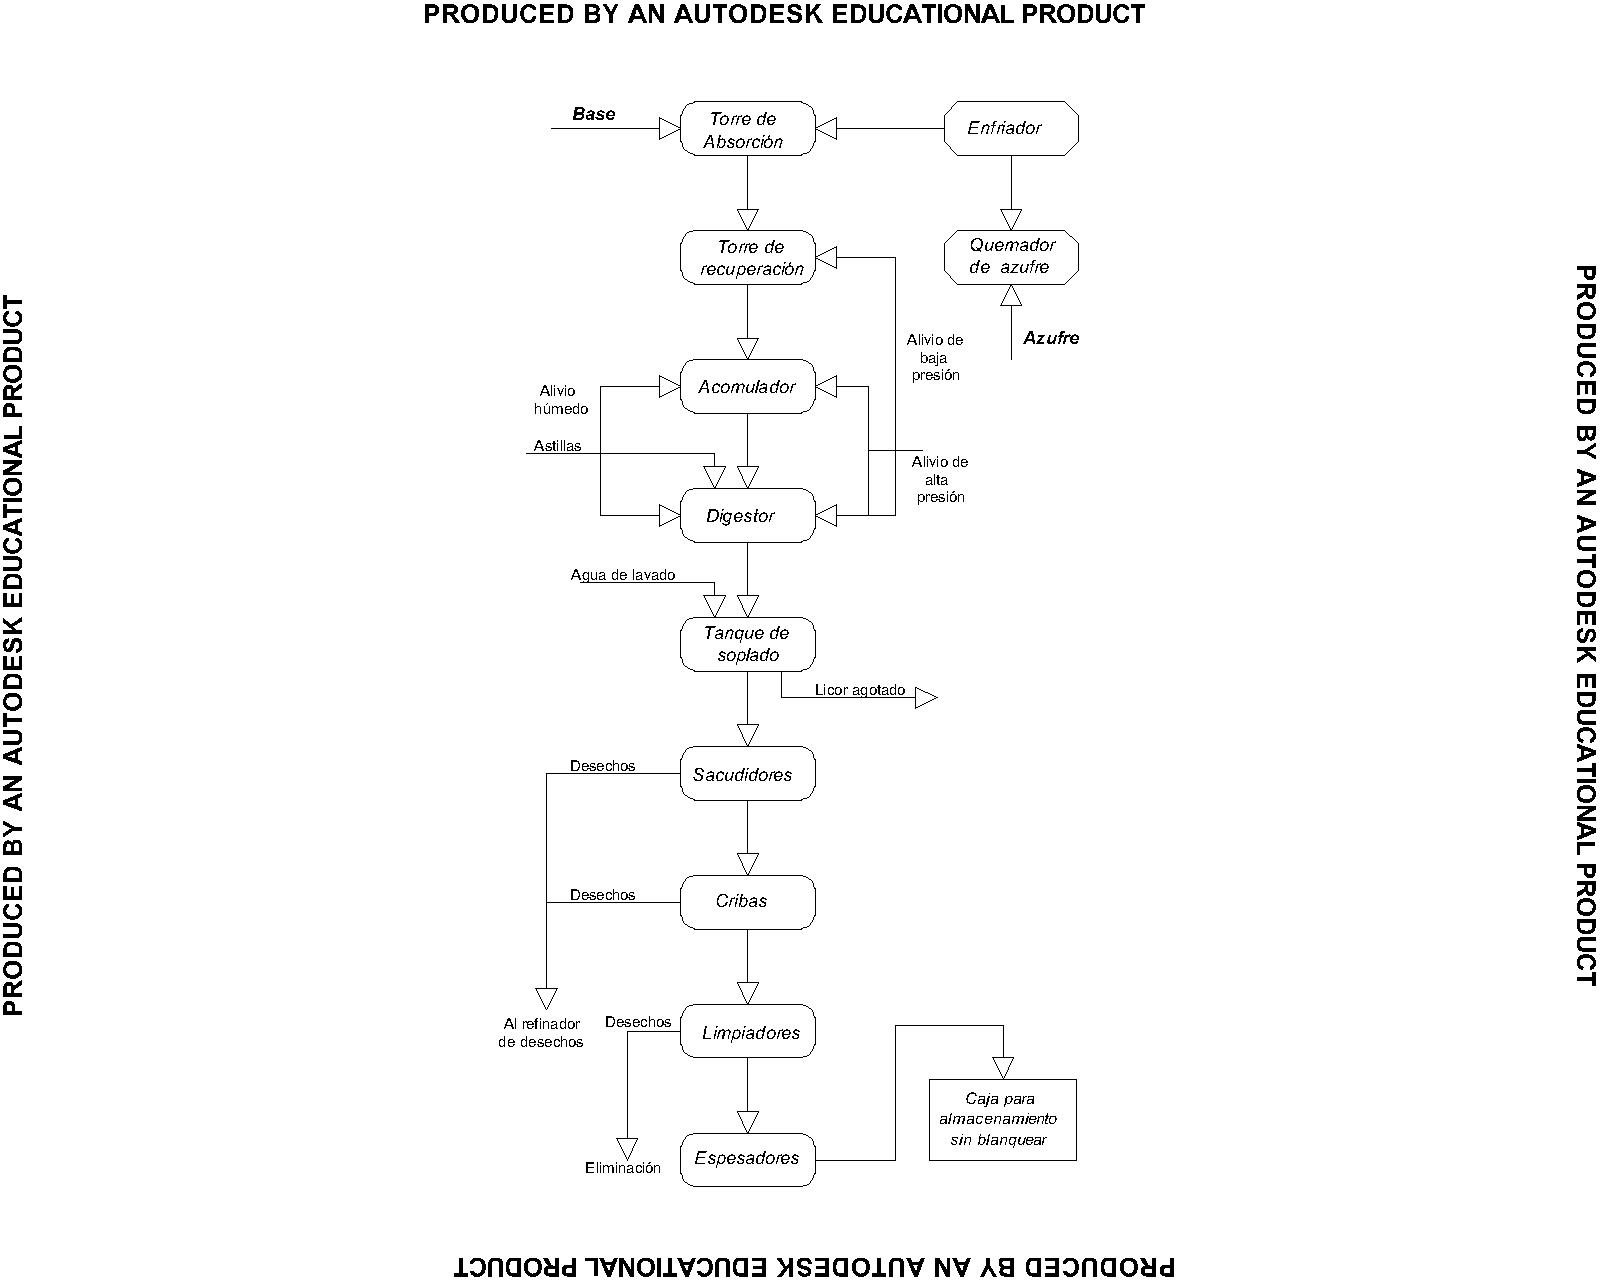 Autocad taller 6 diagrama de bloques proceso qumico de sulfito diagrama de bloques proceso qumico de sulfito ccuart Image collections